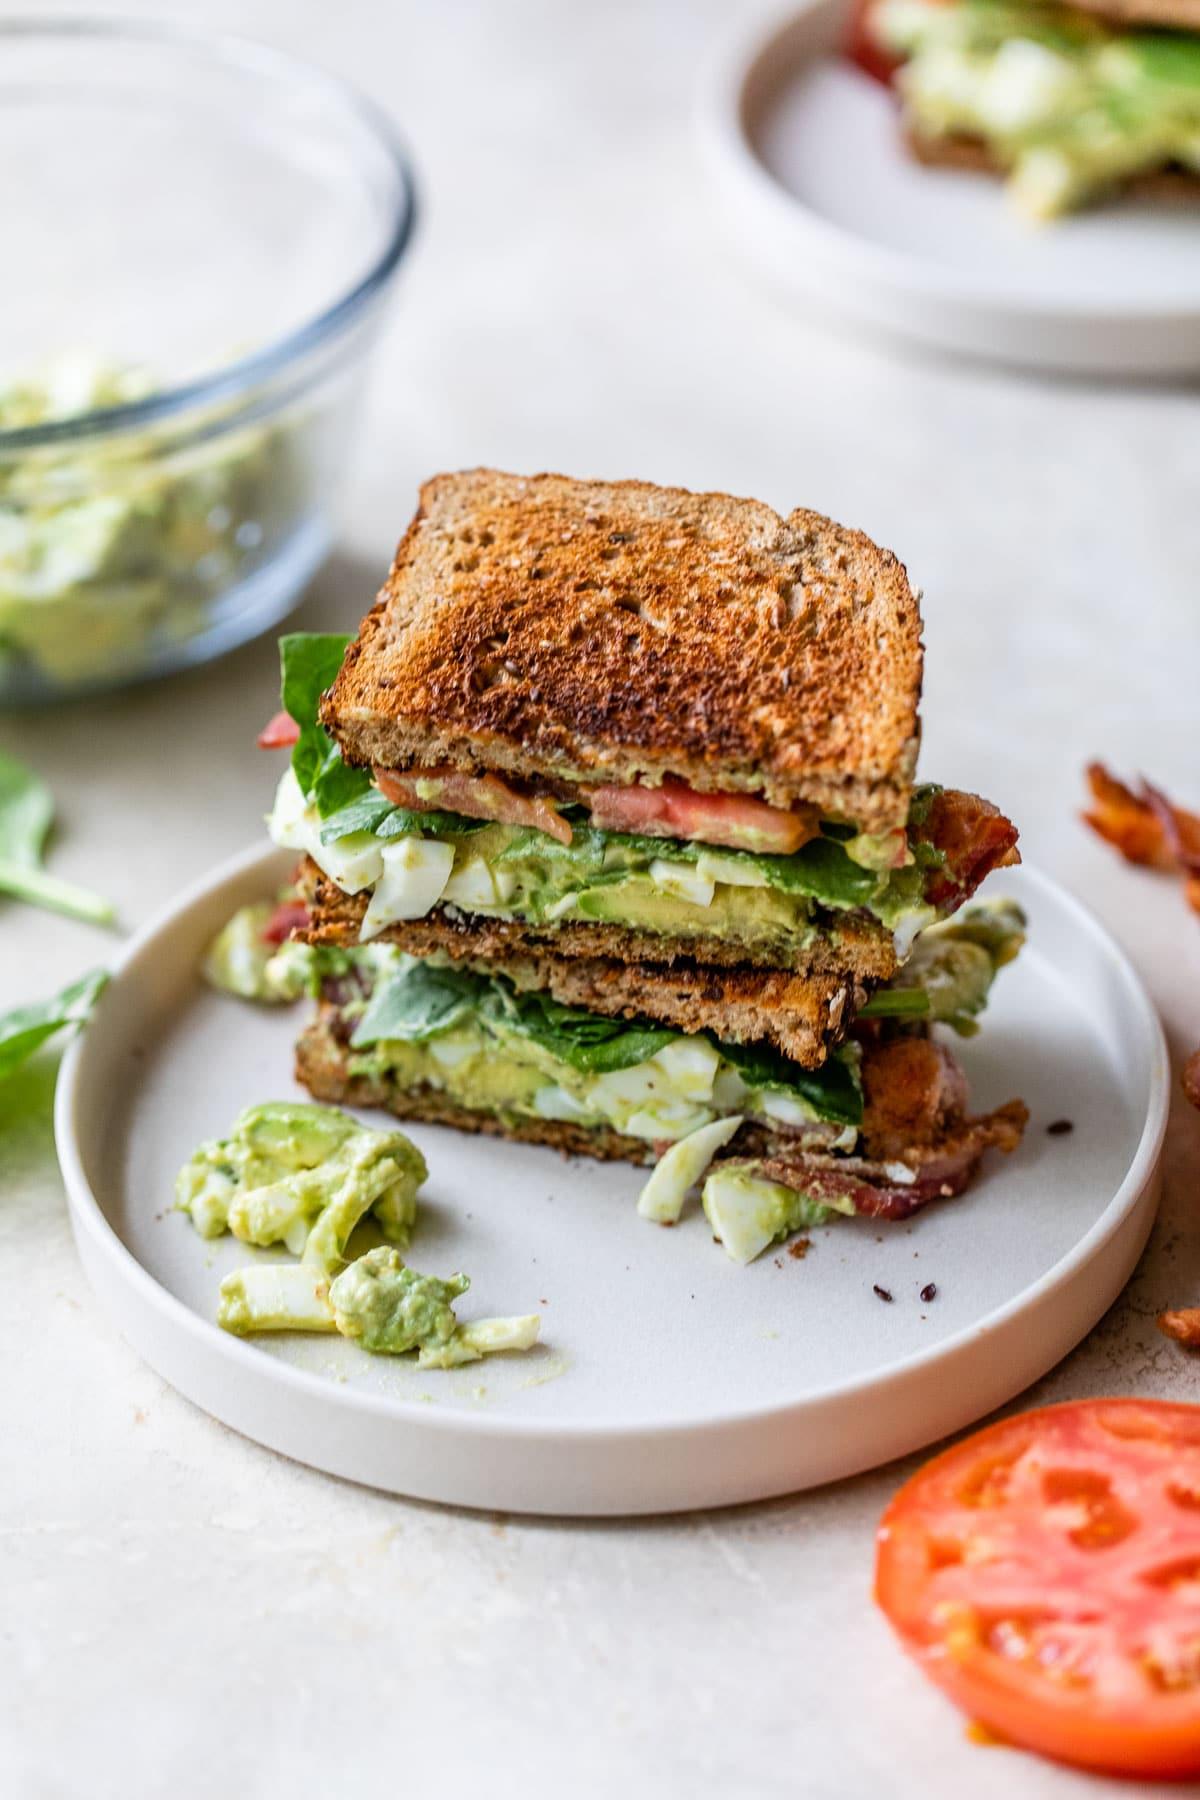 Avocado Egg Salad Bacon Sandwiches. The BEST avocado egg salad recipe!